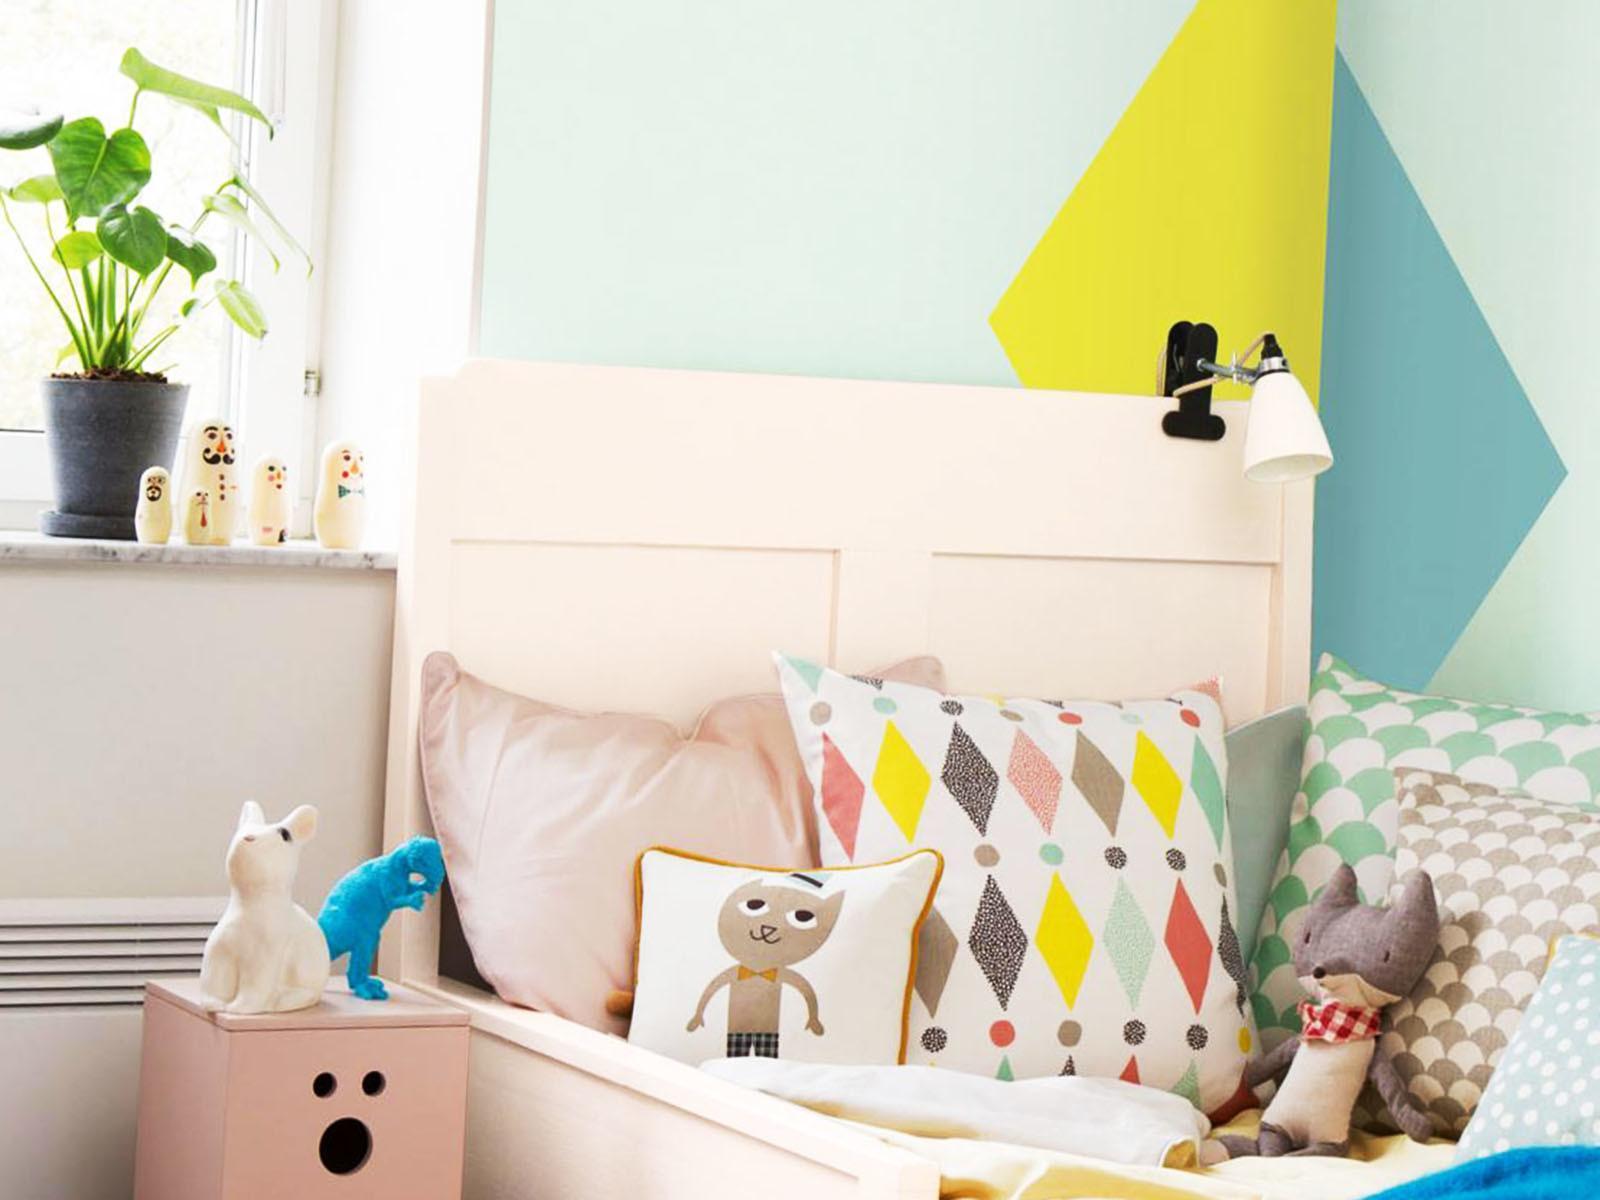 Геометрия и небольшие растения в интерьере детской комнаты